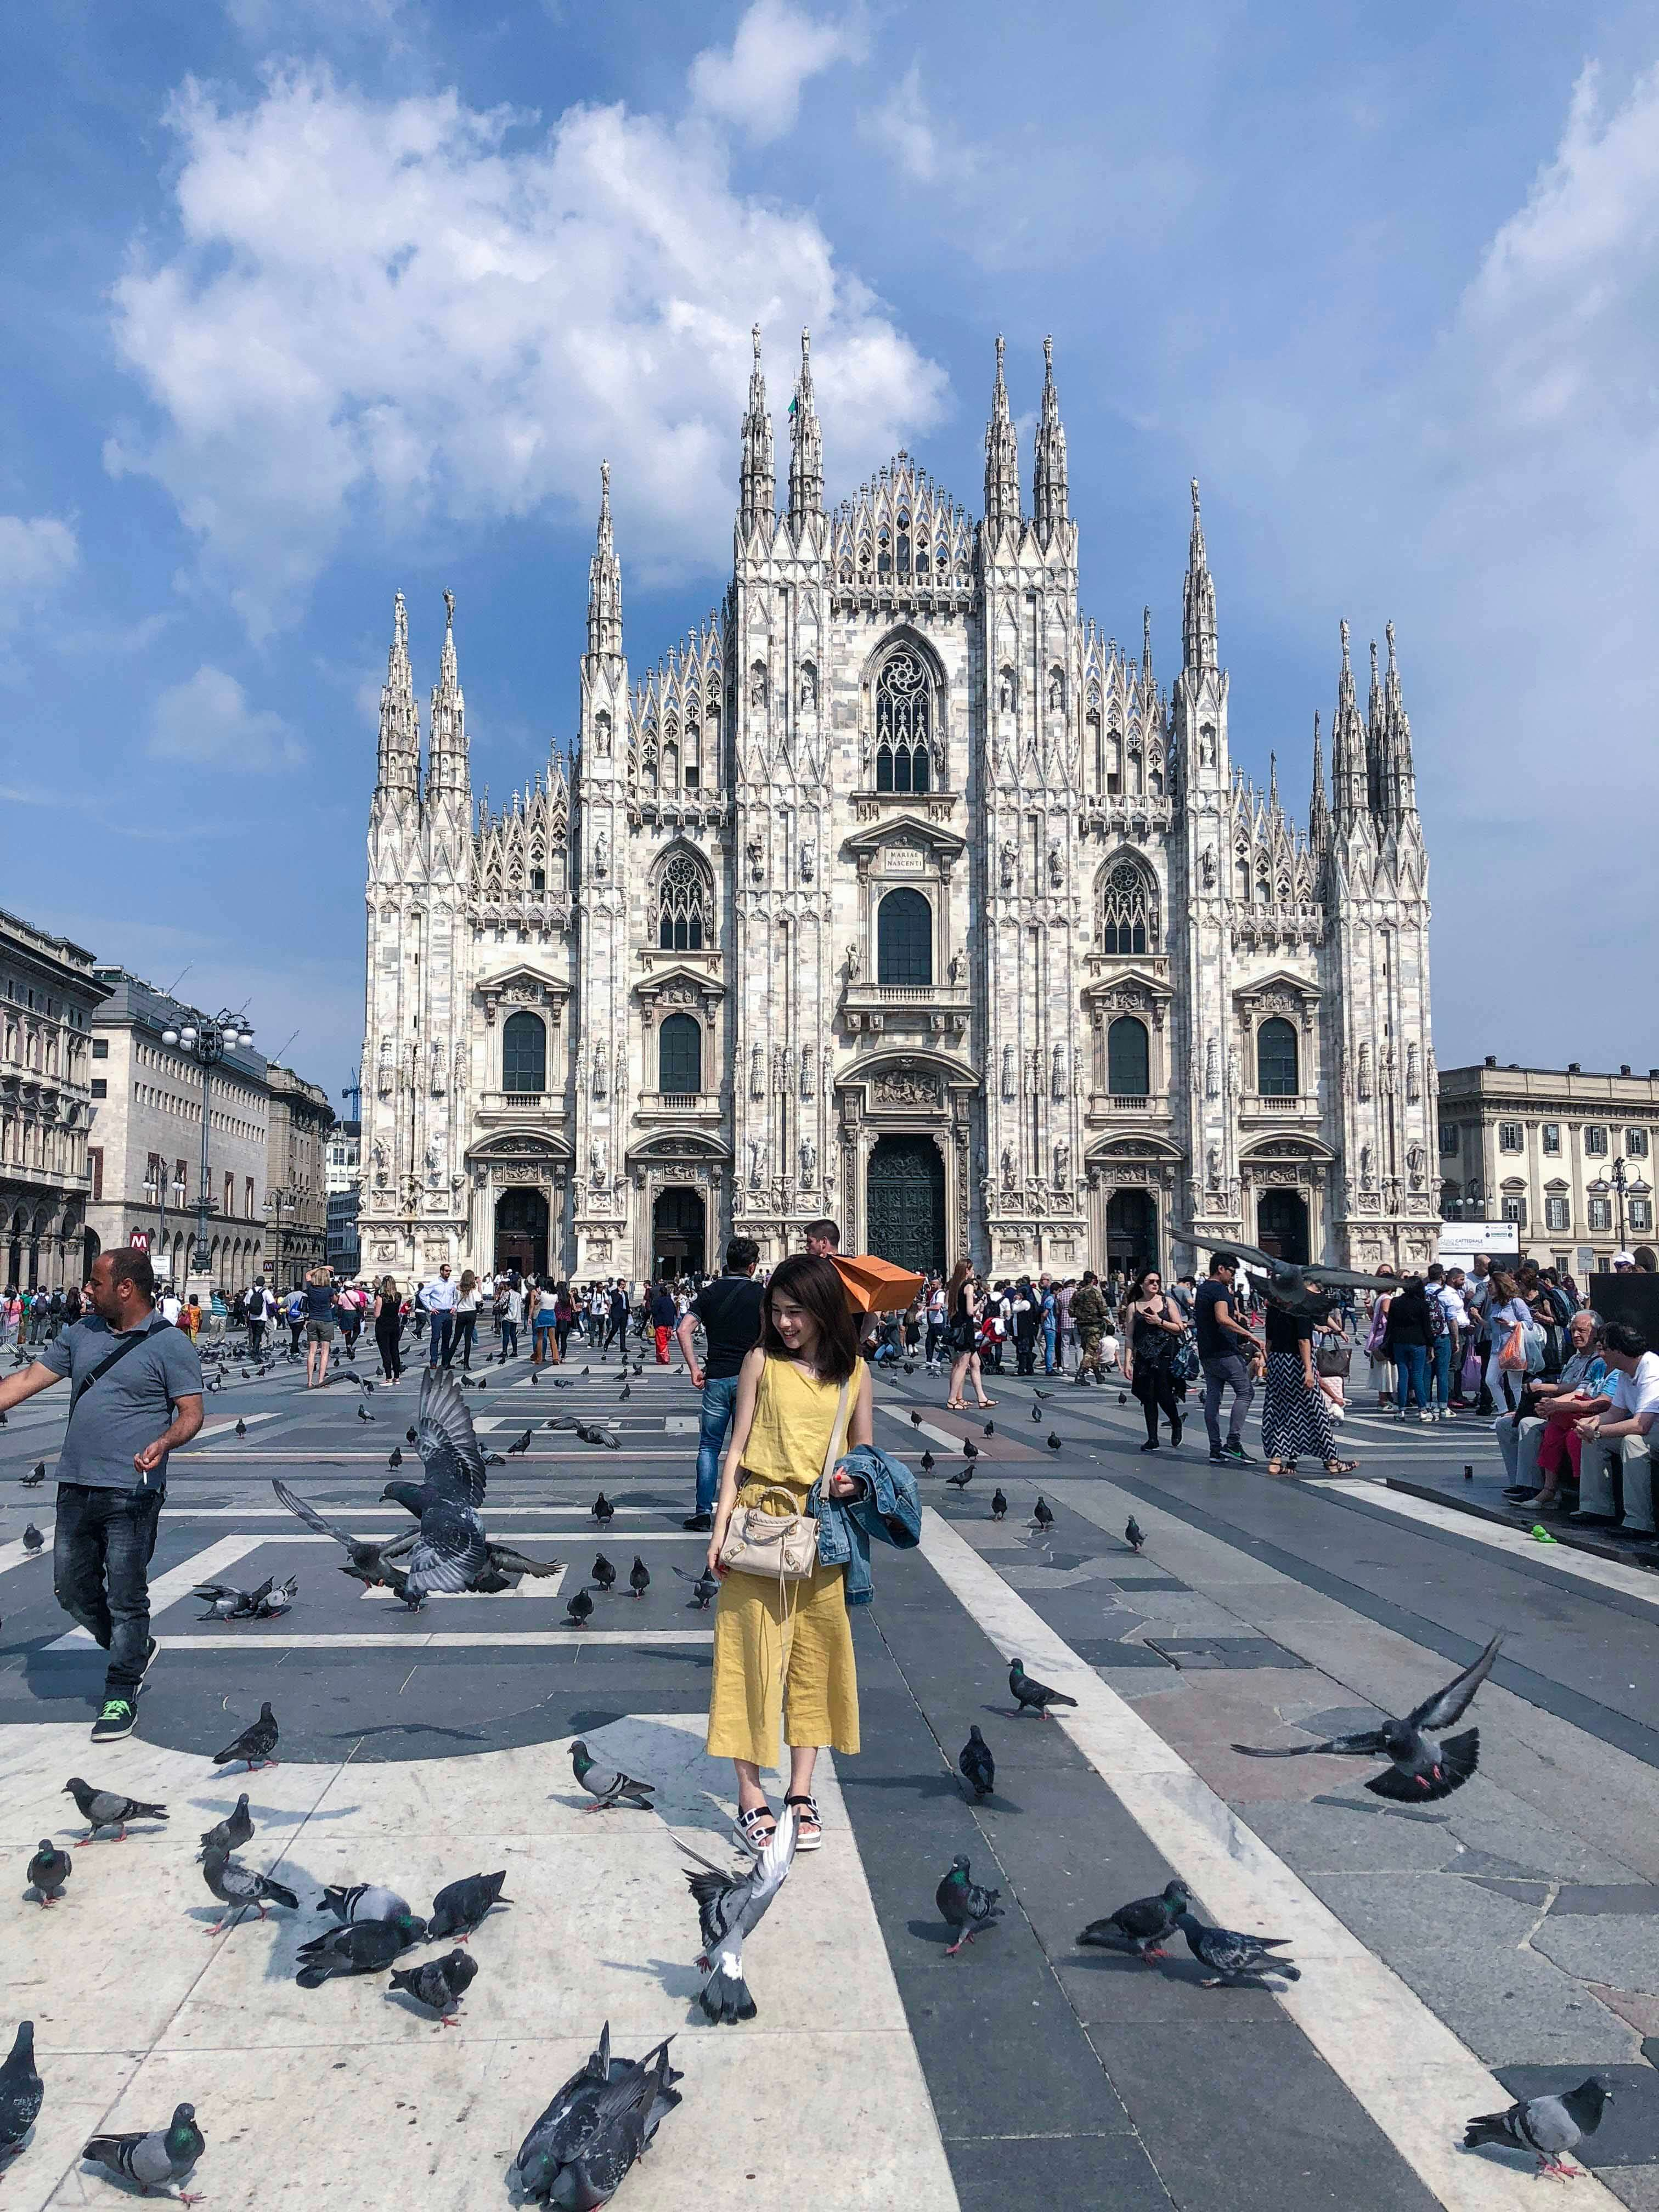 米蘭大教堂的廣場與鴿子